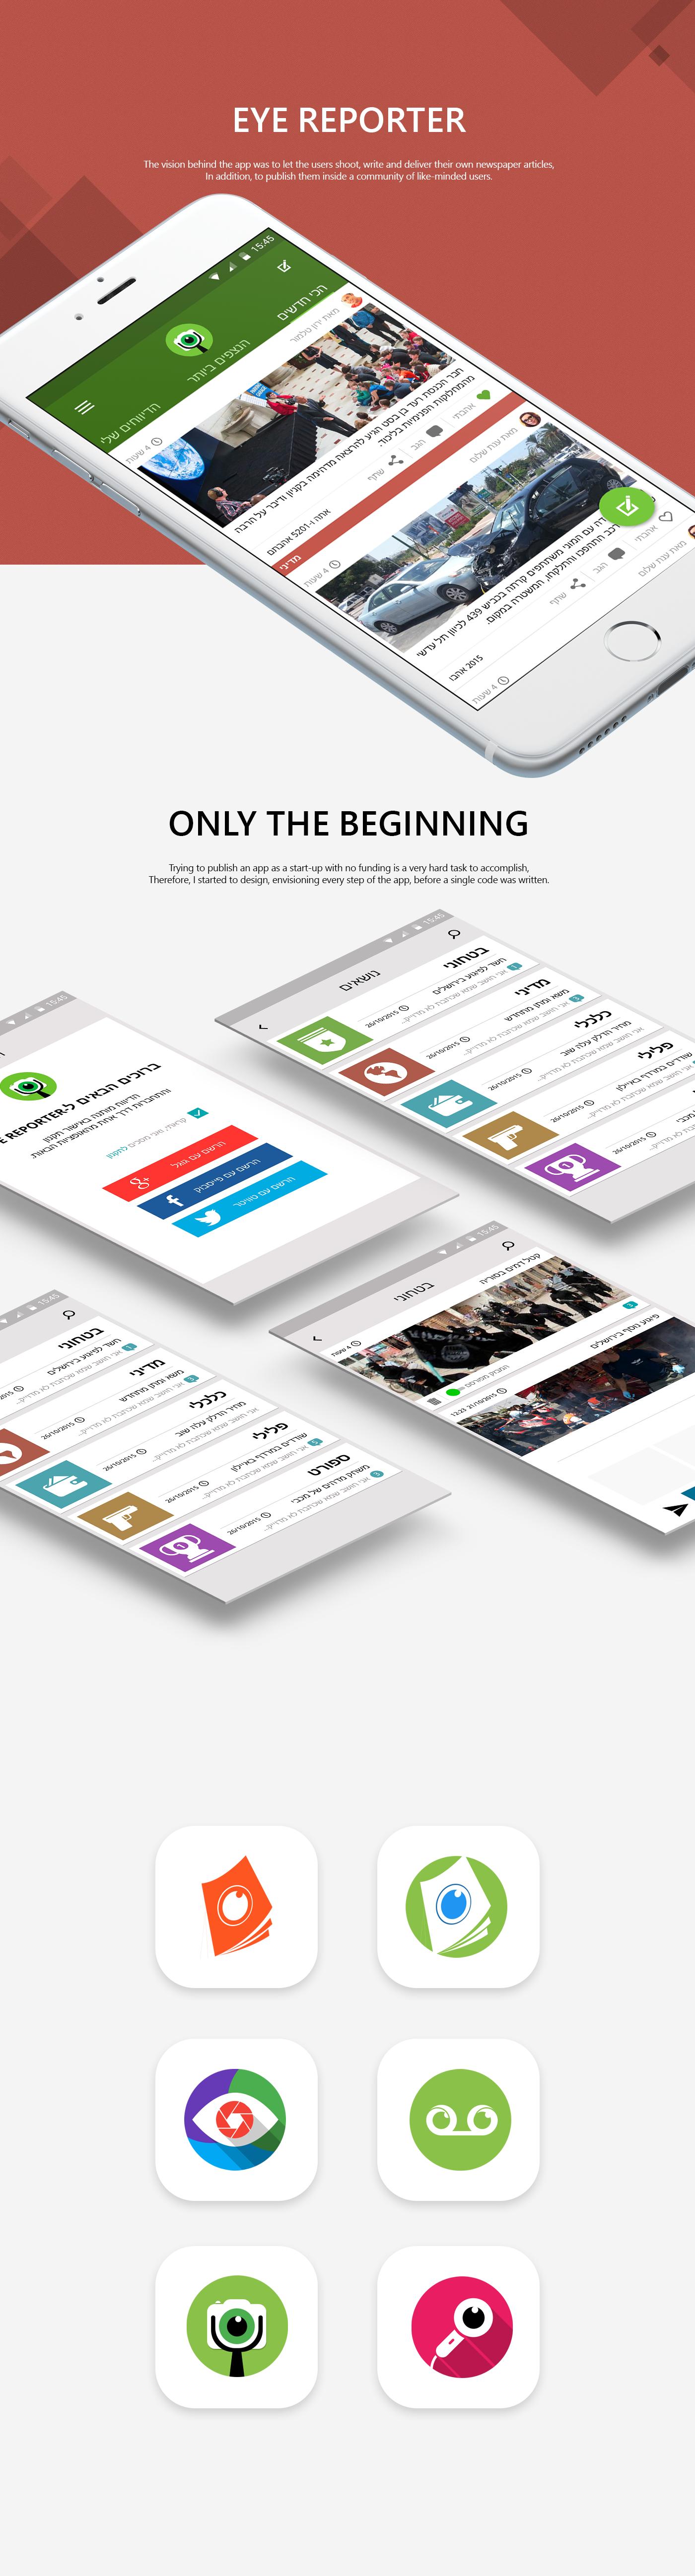 app mobile ux UI design Interface publish